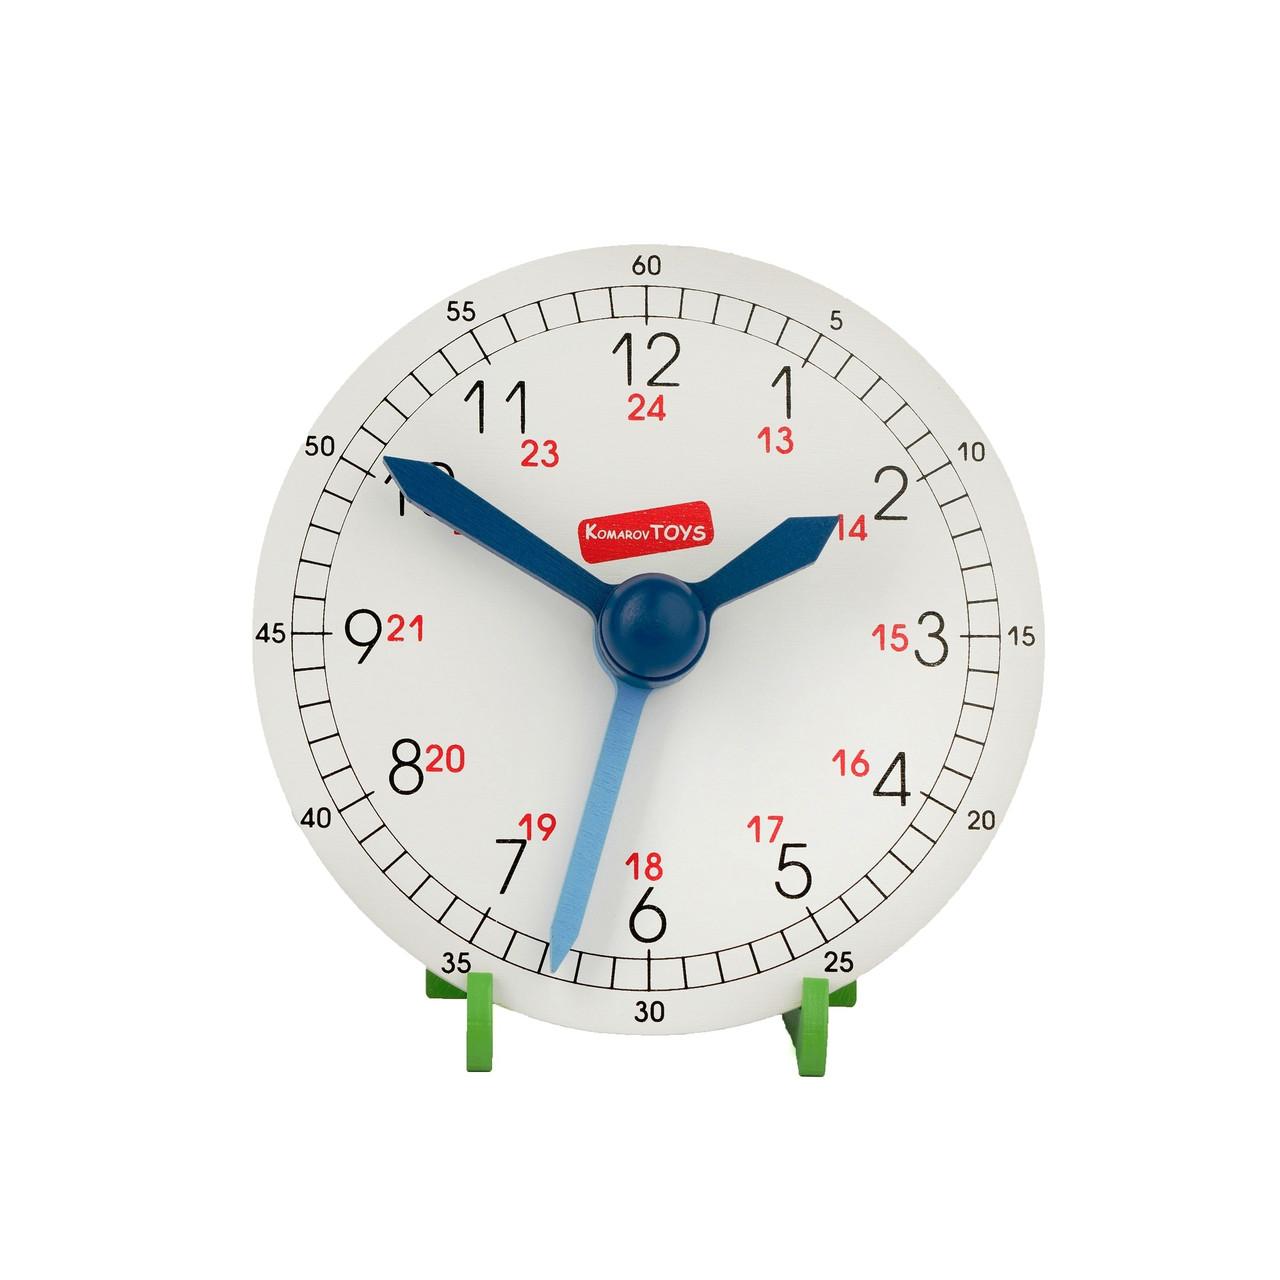 Годинник навчальний дерев'яний (макет), Komarovtoys